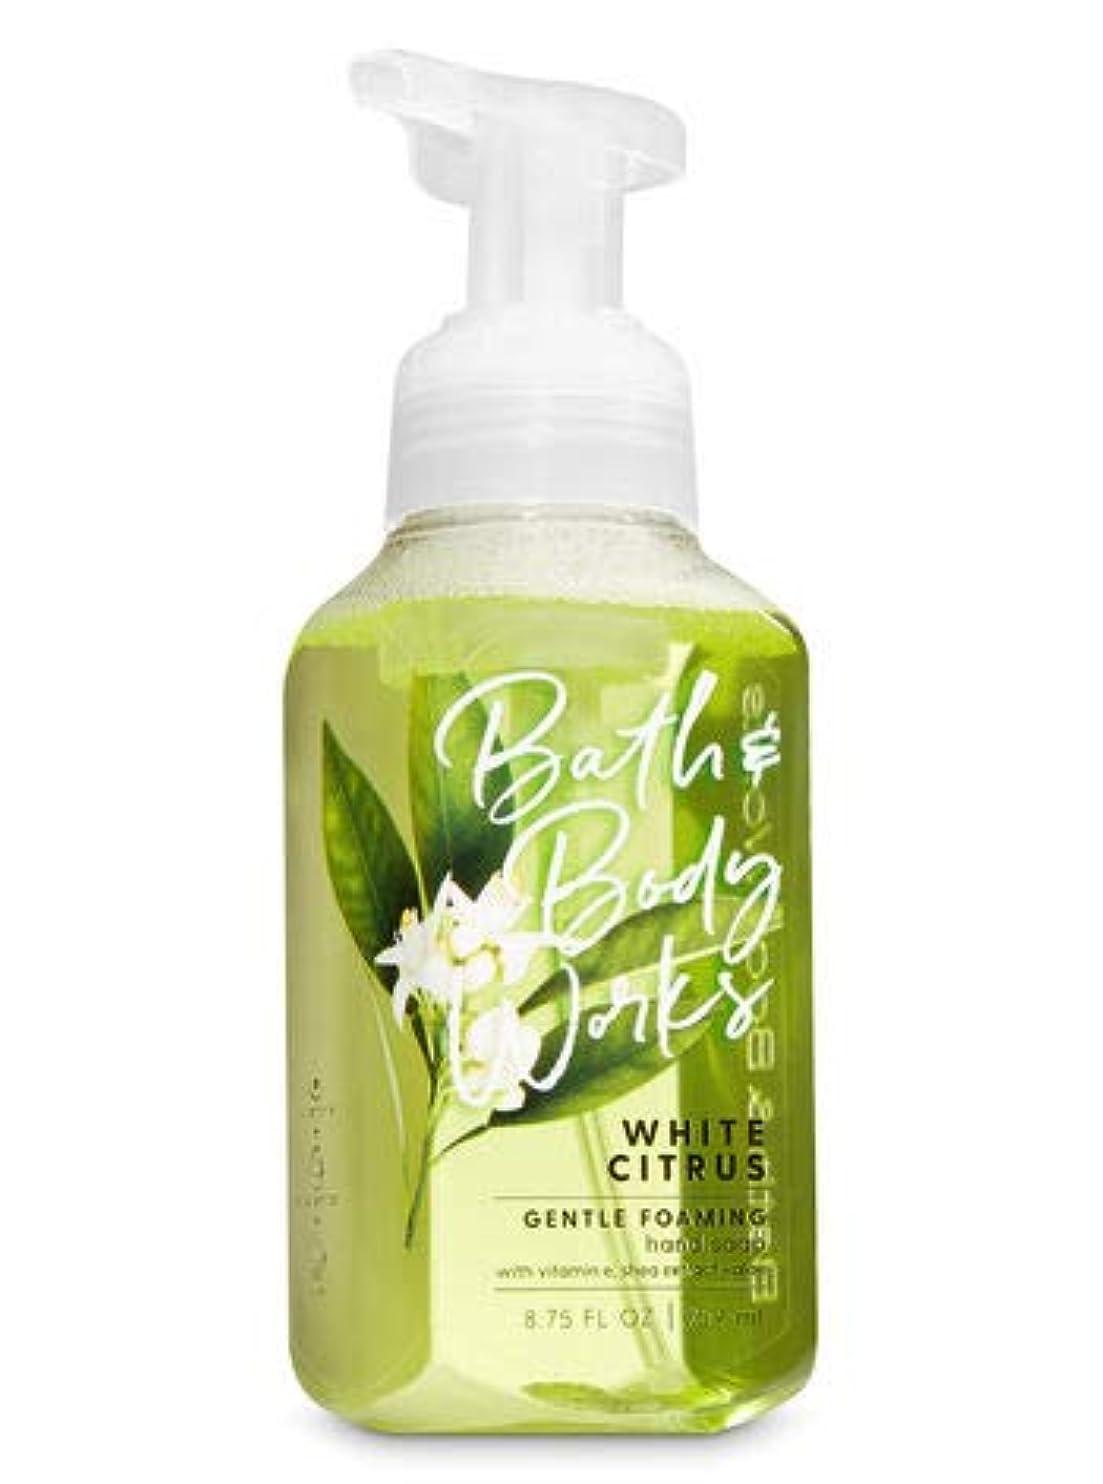 防腐剤均等に鳴らすバス&ボディワークス ホワイトシトラス ジェントル フォーミング ハンドソープ White Citrus Gentle Foaming Hand Soap